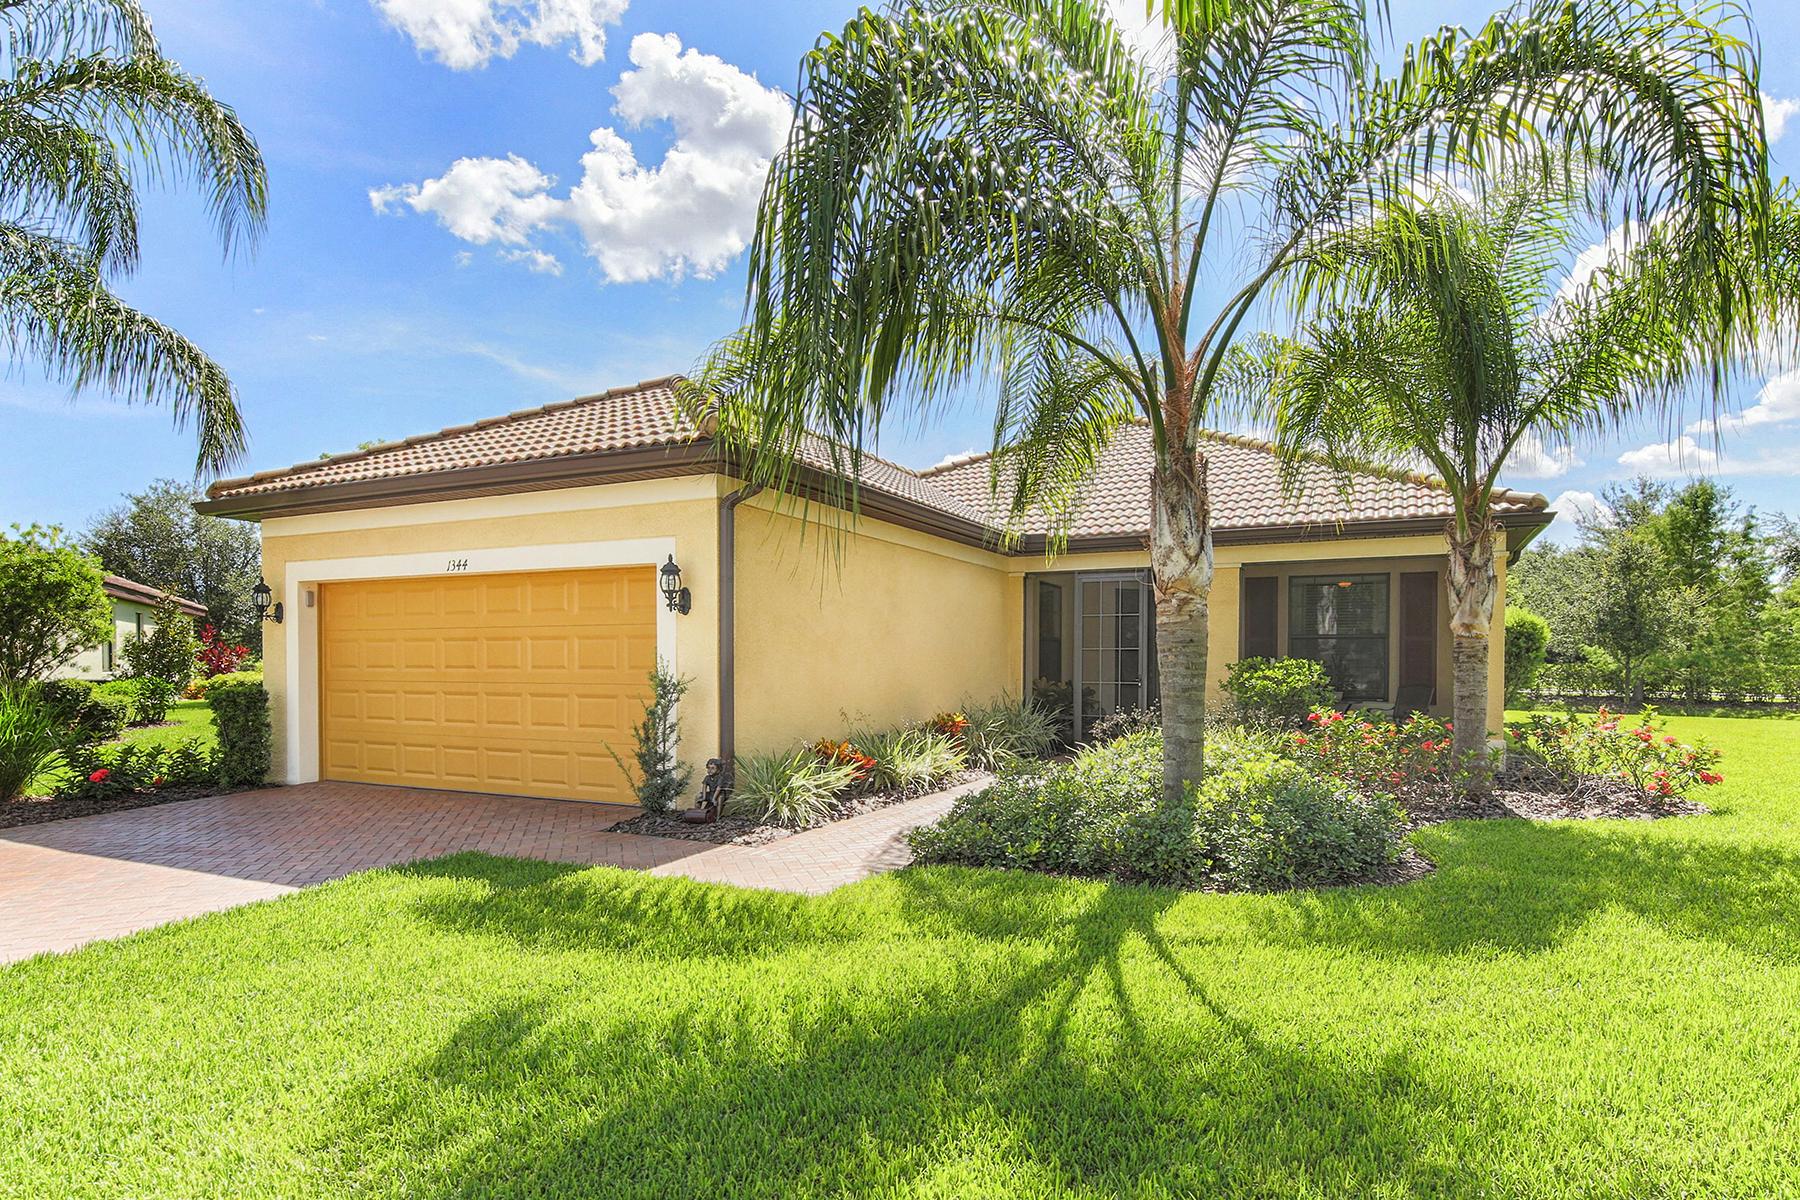 独户住宅 为 销售 在 CYPRESS FALLS 1344 Kelp Ct 北港, 佛罗里达州, 34289 美国